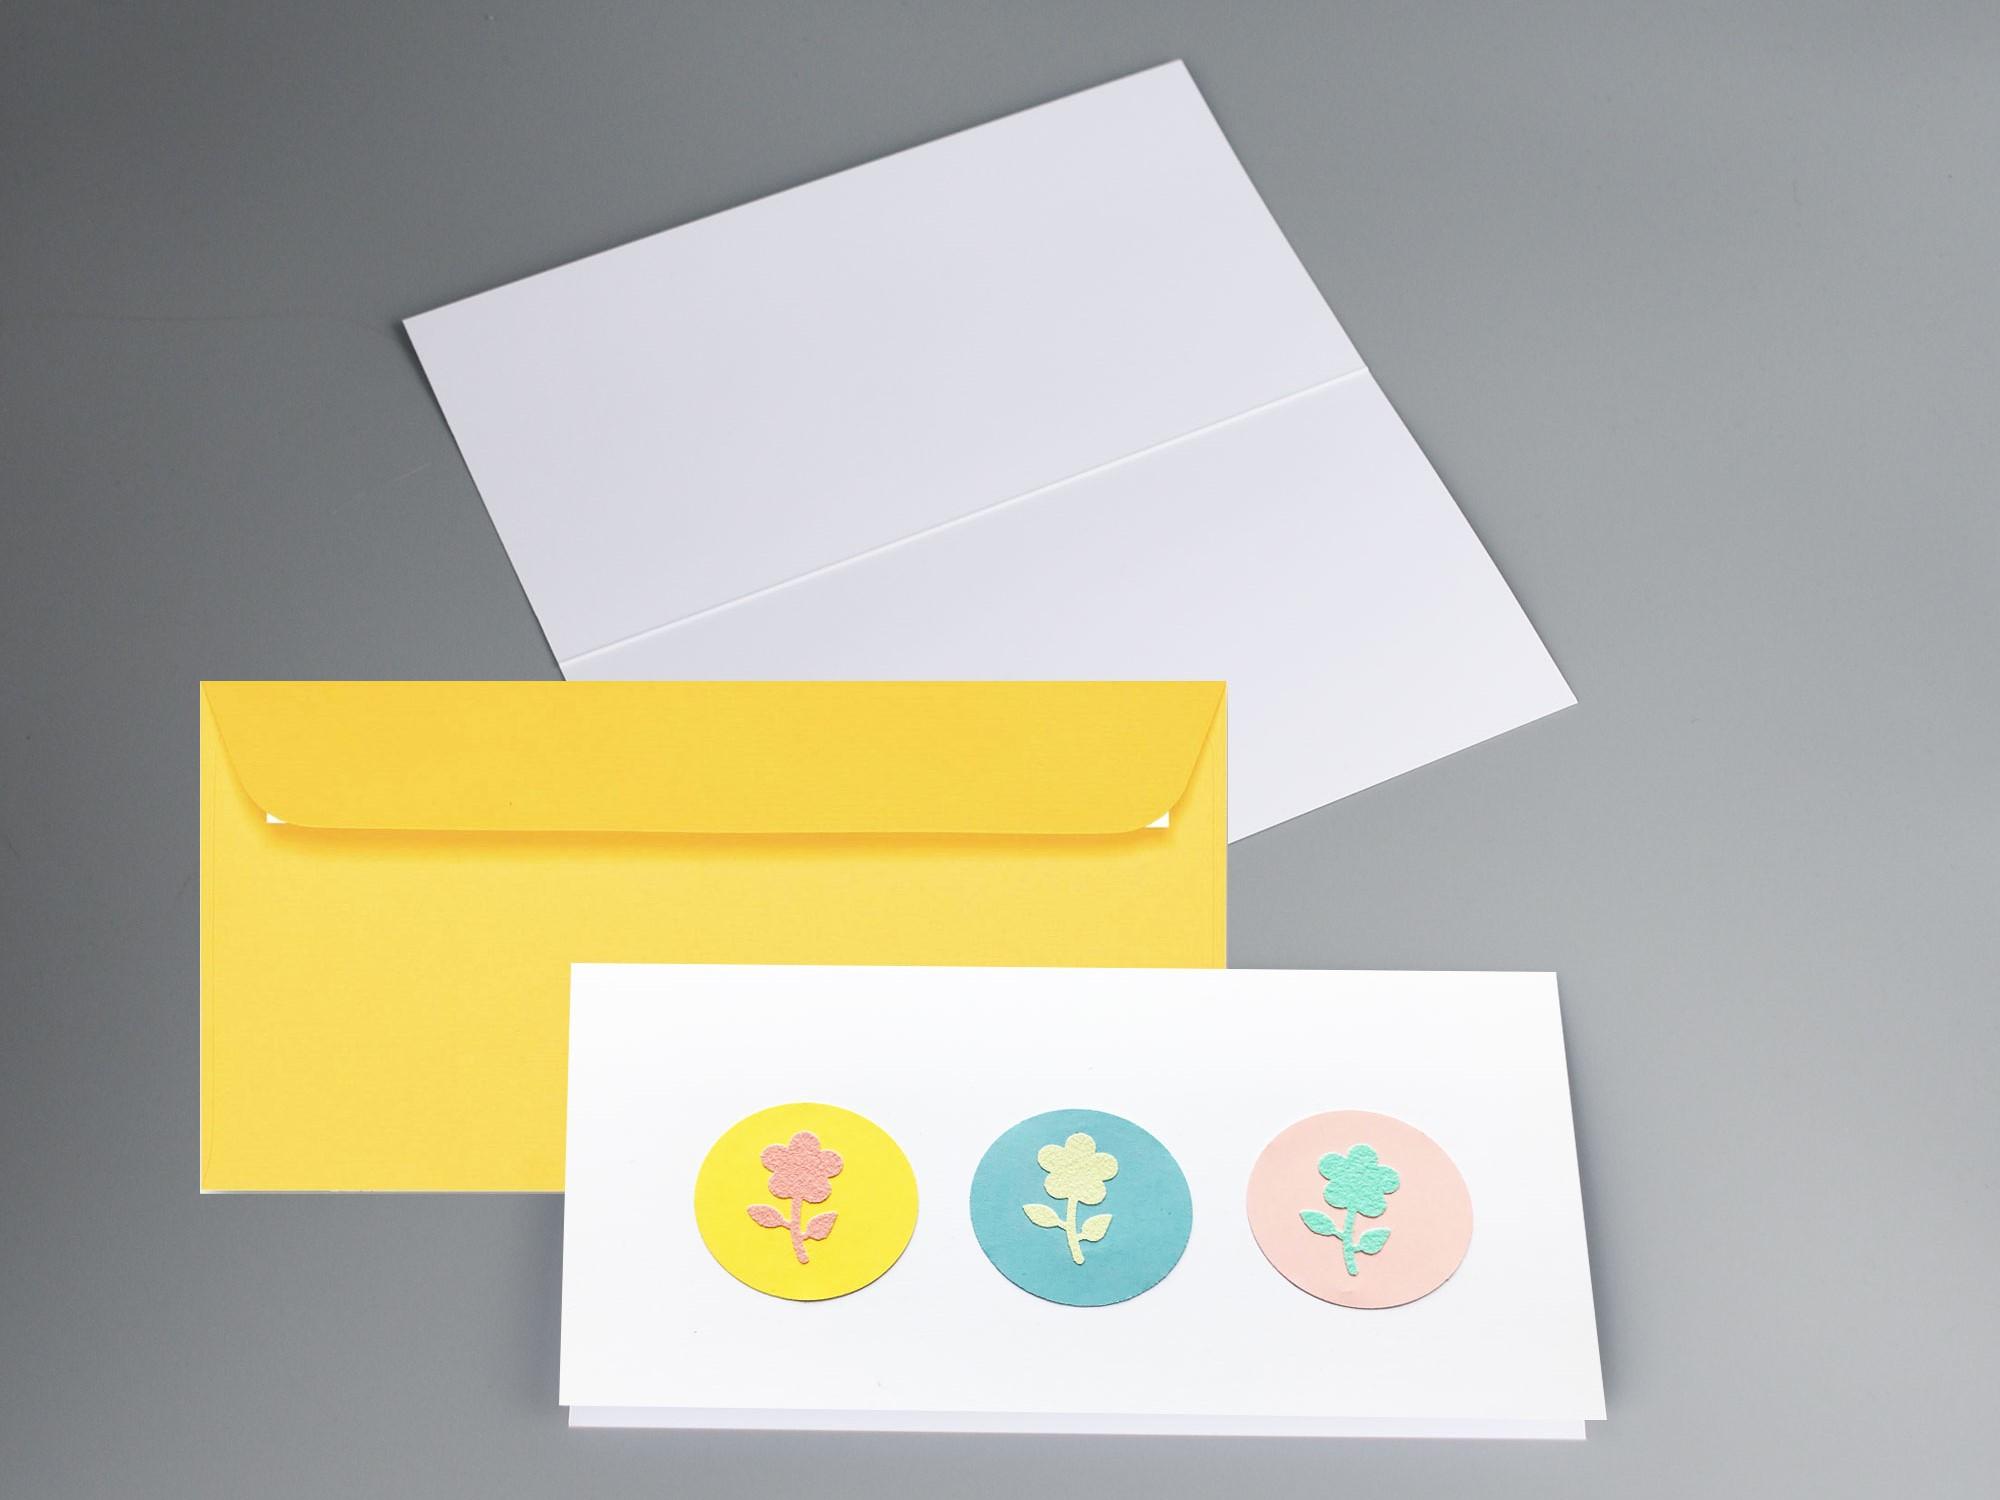 Blumengruesse_Glueckwunschkarte_Geburtstag_Wuensche_Muttertag_sonnengelb-artoz-kuvert_handmade_innen-und-aussenxTRMrfkqhpByo